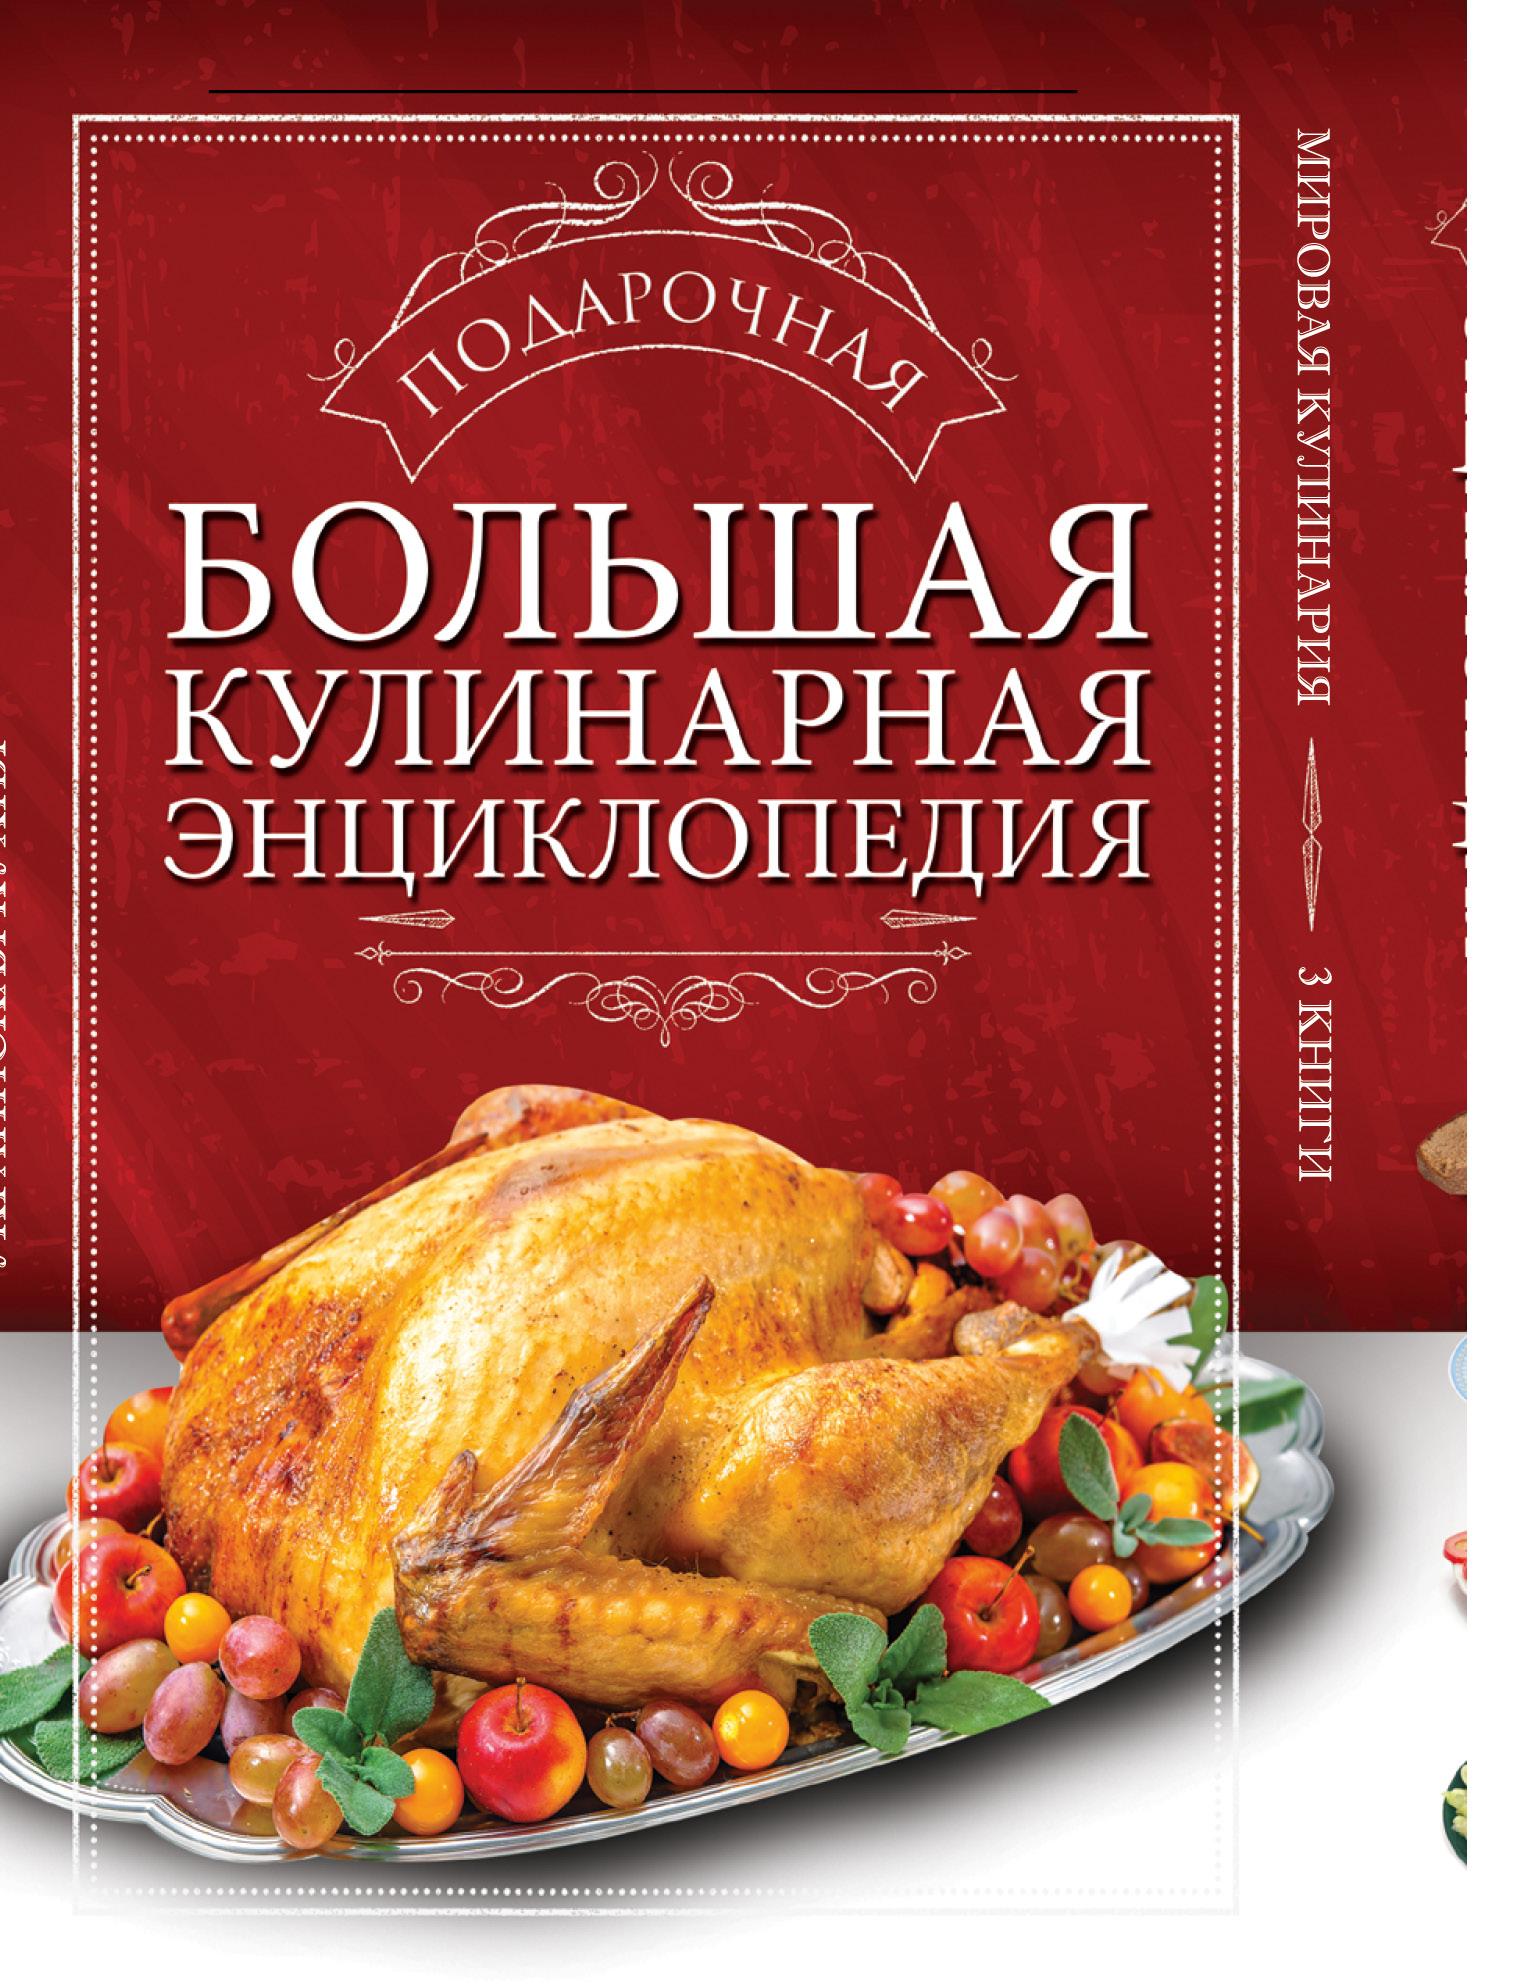 Большая подарочная кулинарная энциклопедия. 3 книги книги издательство аст большая подарочная кулинарная энциклопедия 3 книги